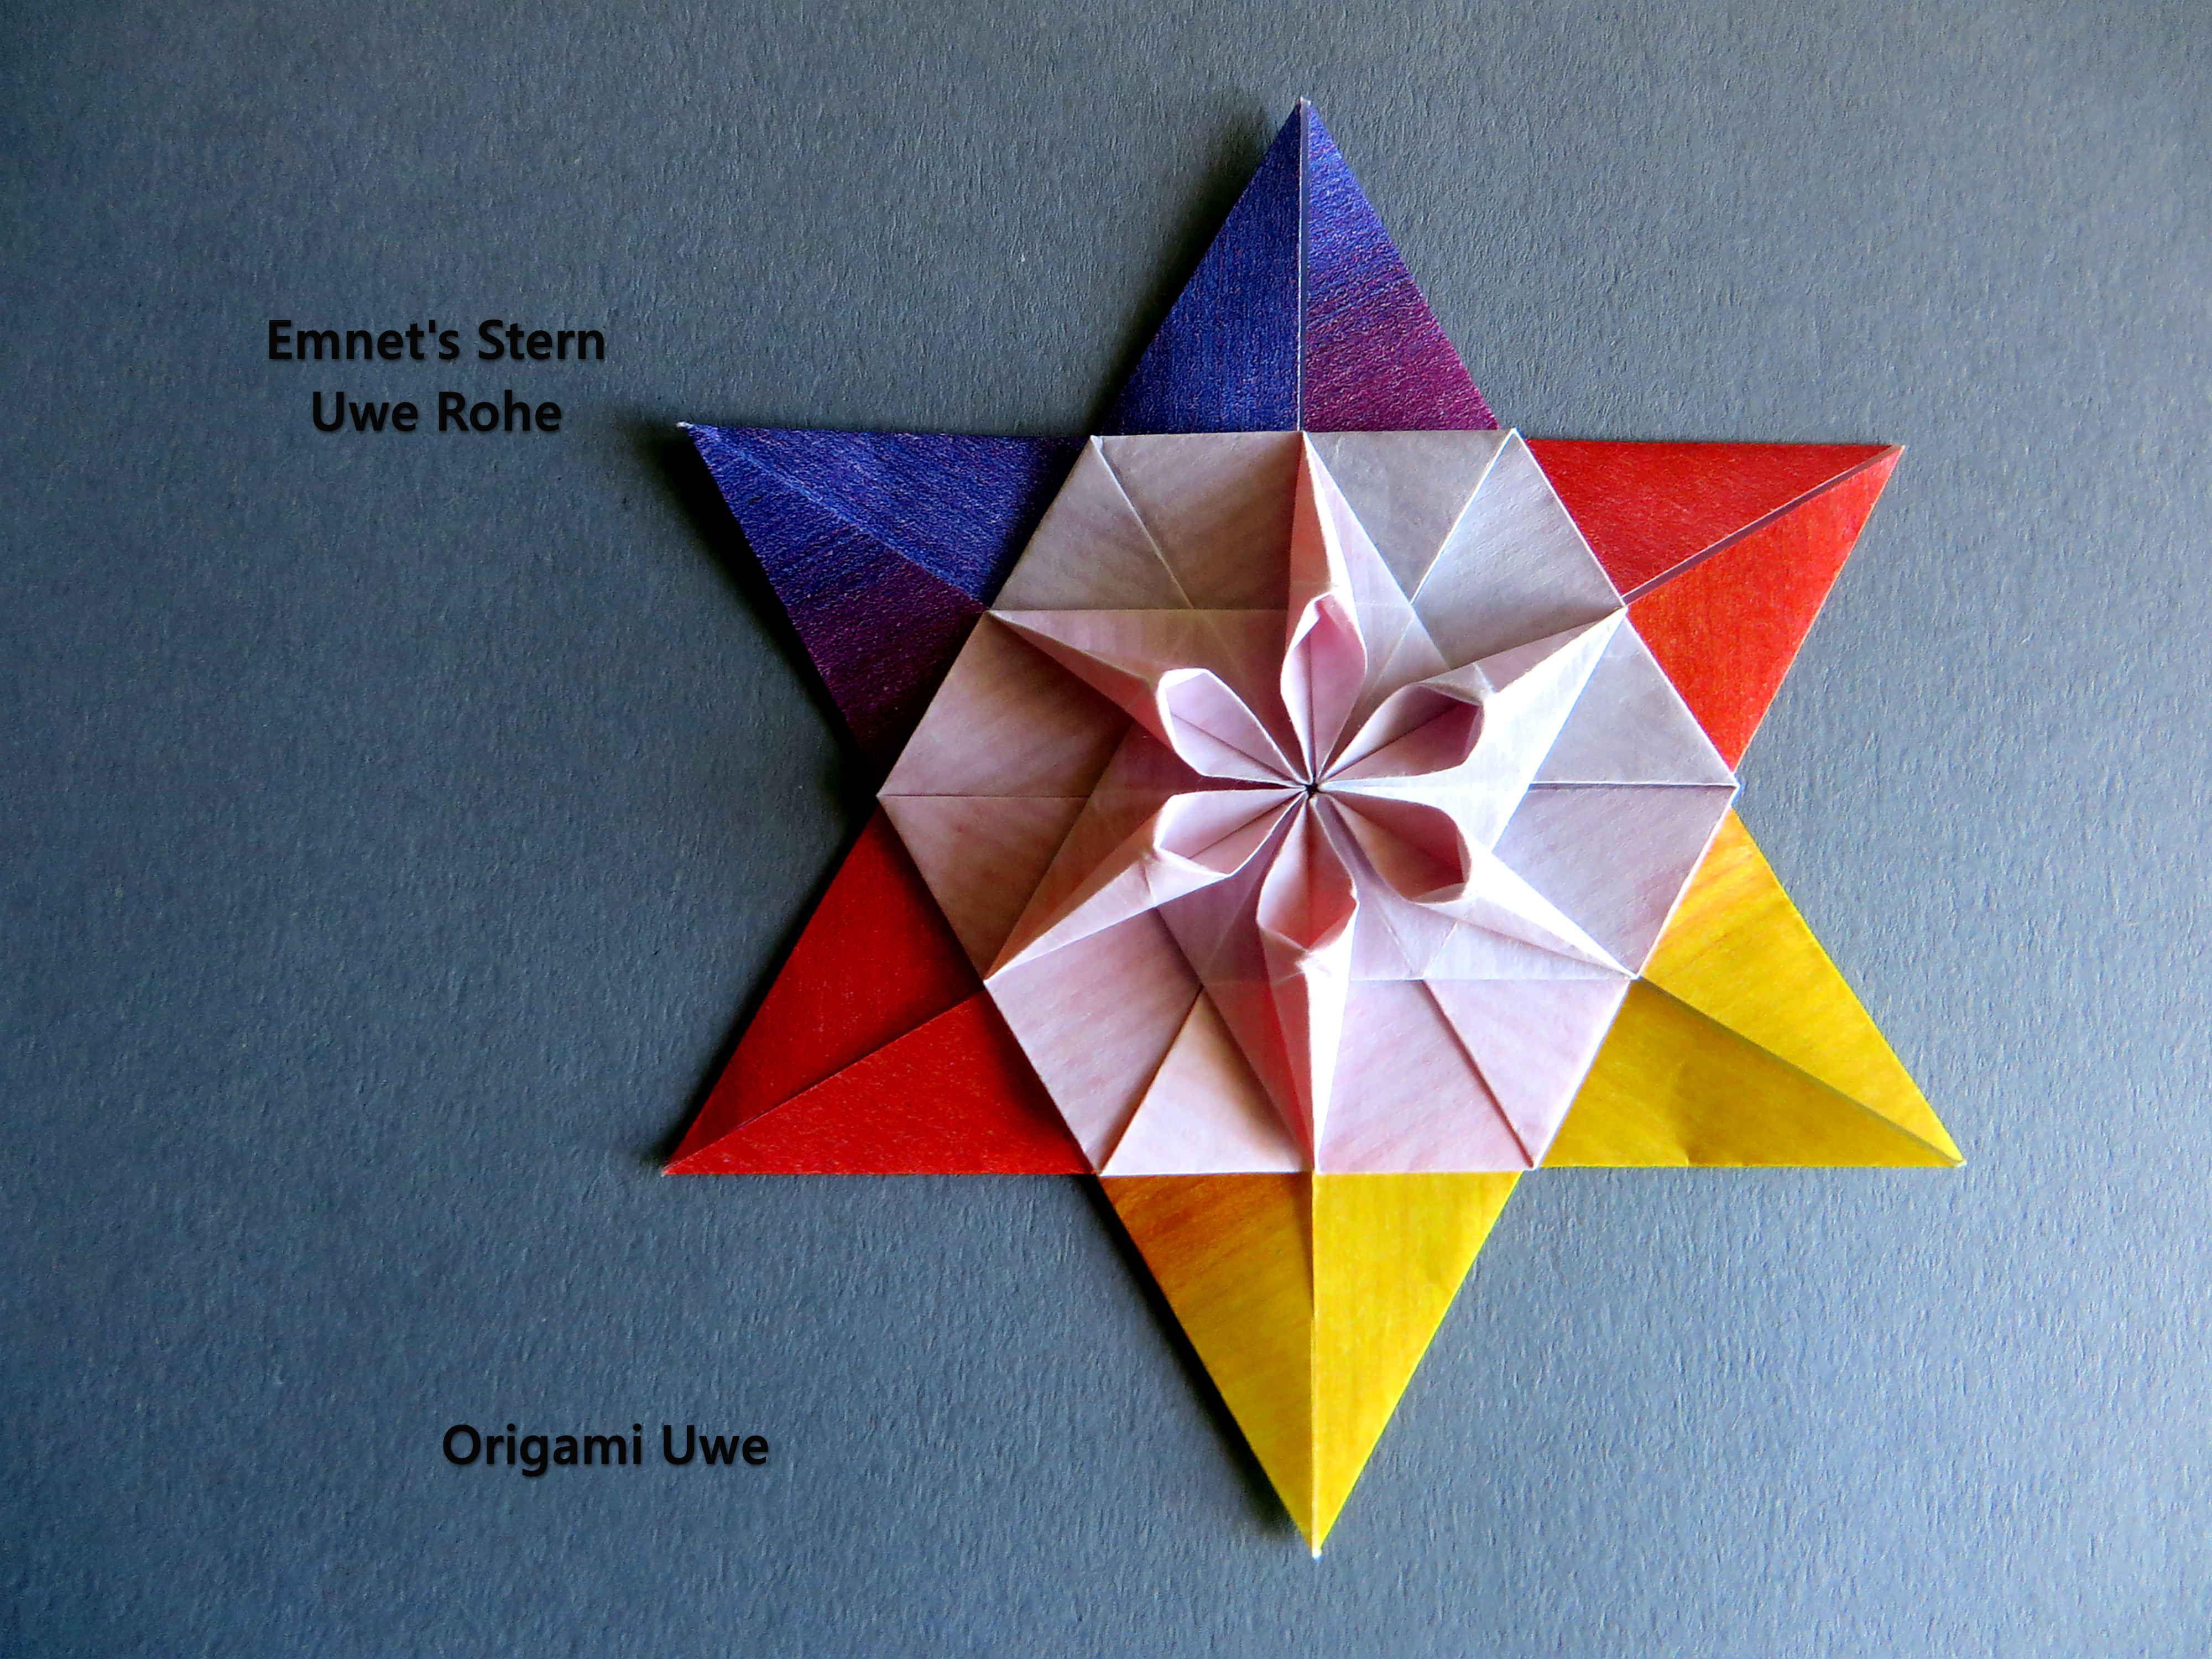 Pin by uwe rohe on origami pinterest origami origami art and origami art paper folding paper design stars mandalas origami jeuxipadfo Images